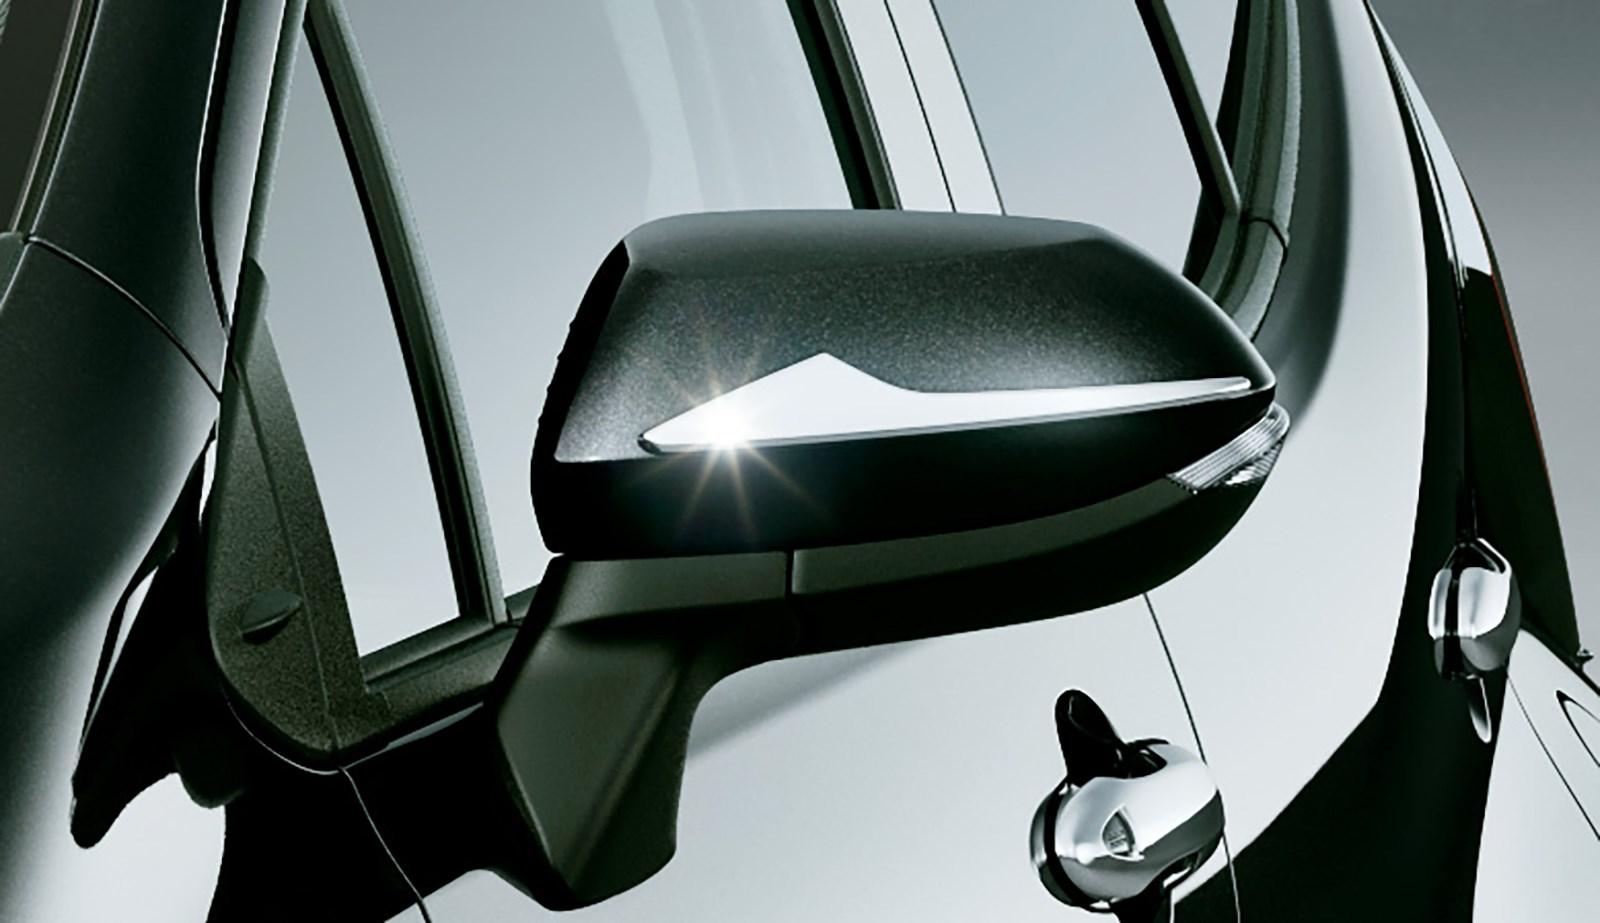 コンサバ路線な新型アクアのデザインを変身させる純正エアロパーツが早くも発売される